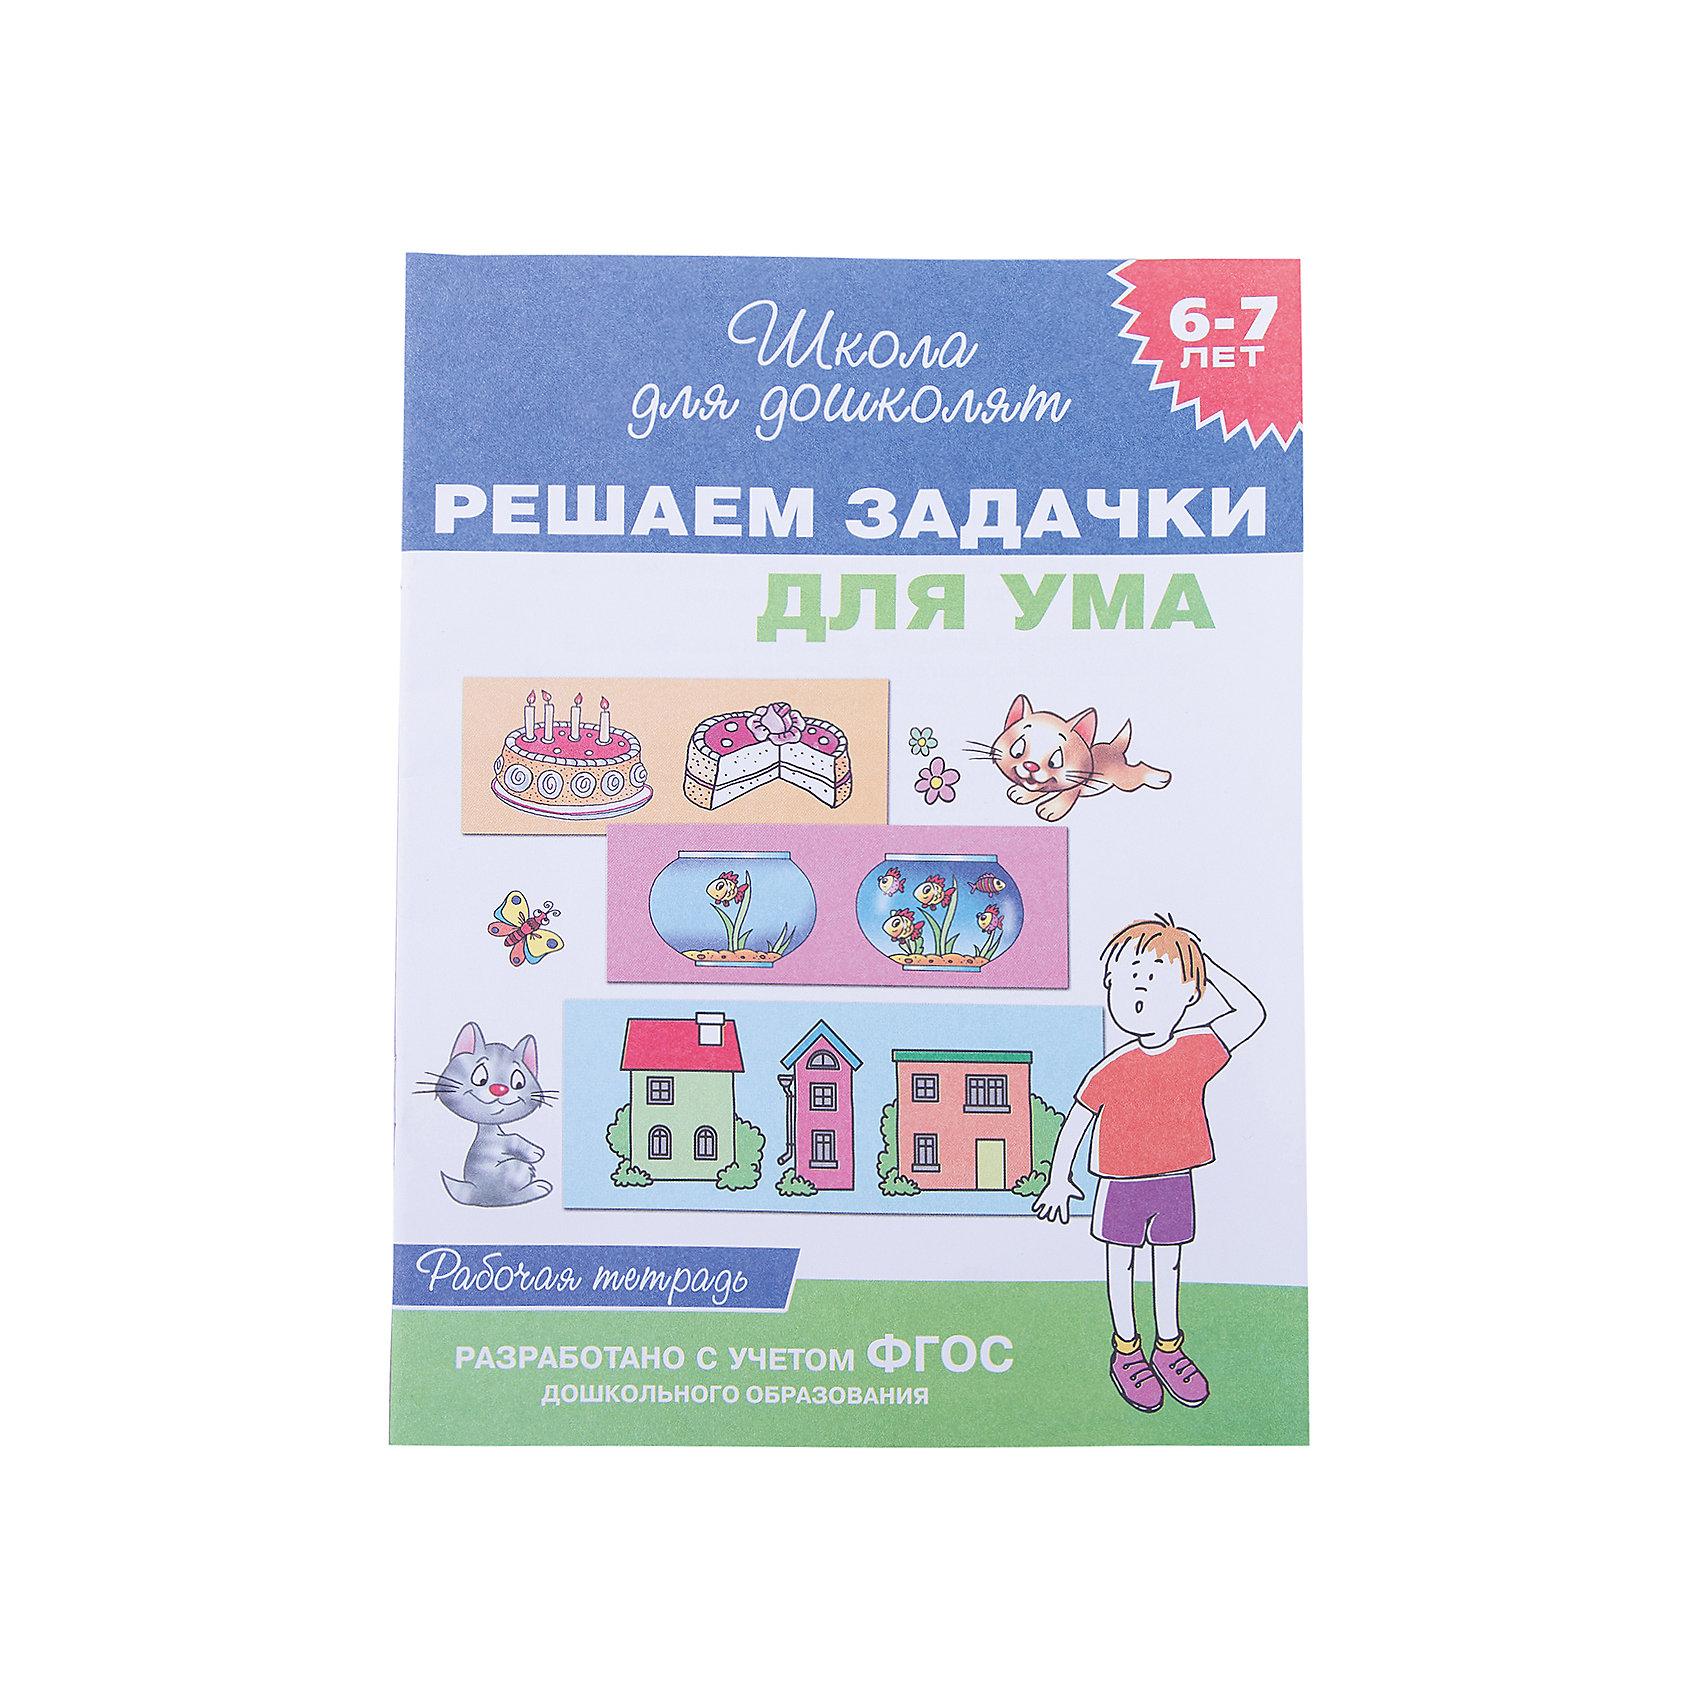 Рабочая тетрадь Решаем задачки для умаХарактеристики товара:<br><br>- цвет: разноцветный;<br>- материал: бумага;<br>- страниц: 24;<br>- формат: 26 х 20 см;<br>- обложка: мягкая;<br>- развивающее издание.<br><br>Это проработанное развивающее издание станет отличным подарком для родителей и ребенка. Оно содержит в себе задания и упражнения, которые помогут ребенку подготовиться к школе. Простые интересные задания помогут привить любовь к учебе!<br>Выполнение таких заданий помогает ребенку развивать мелкую моторику, зрительную память, концентрацию внимания и воображение. Издание произведено из качественных материалов, которые безопасны даже для самых маленьких.<br><br>Издание Рабочая тетрадь Решаем задачки для ума от компании Росмэн можно купить в нашем интернет-магазине.<br><br>Ширина мм: 255<br>Глубина мм: 195<br>Высота мм: 2<br>Вес г: 55<br>Возраст от месяцев: 60<br>Возраст до месяцев: 84<br>Пол: Унисекс<br>Возраст: Детский<br>SKU: 5110192